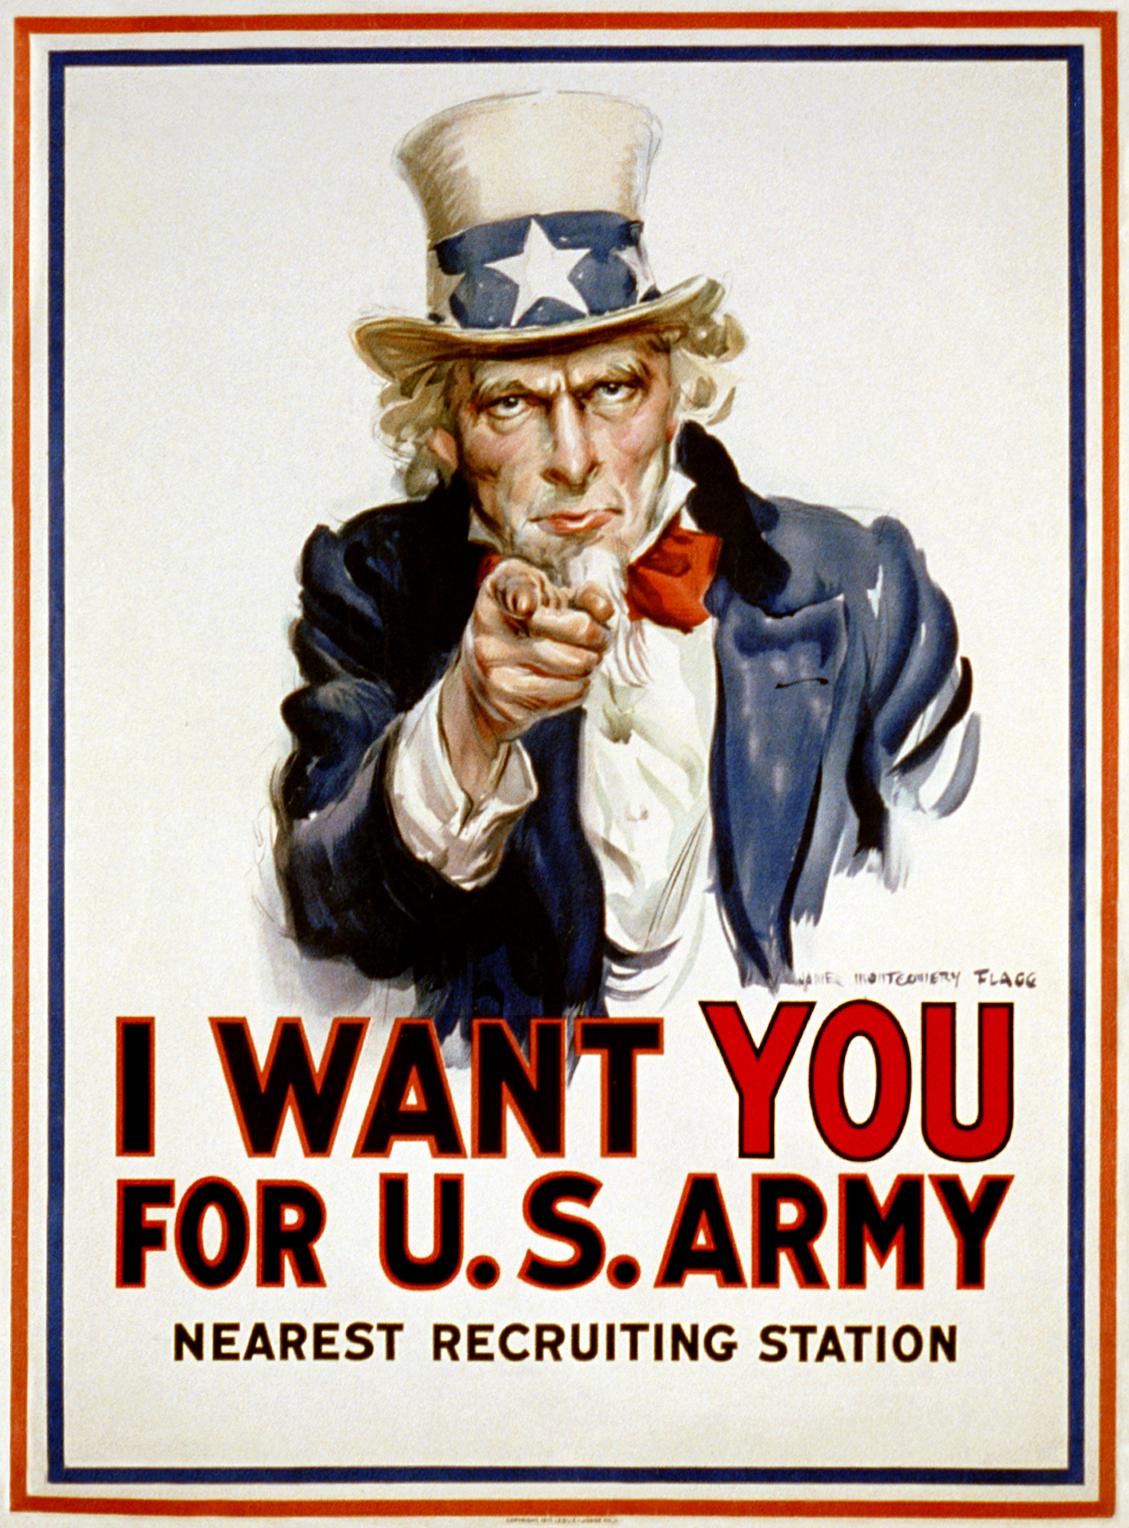 La fabrique du consentement ou comment manipuler les foules (Edward Bernays) I_want_you_for_u_s__army_rst__n_by_adamcuerden-d32aw9u